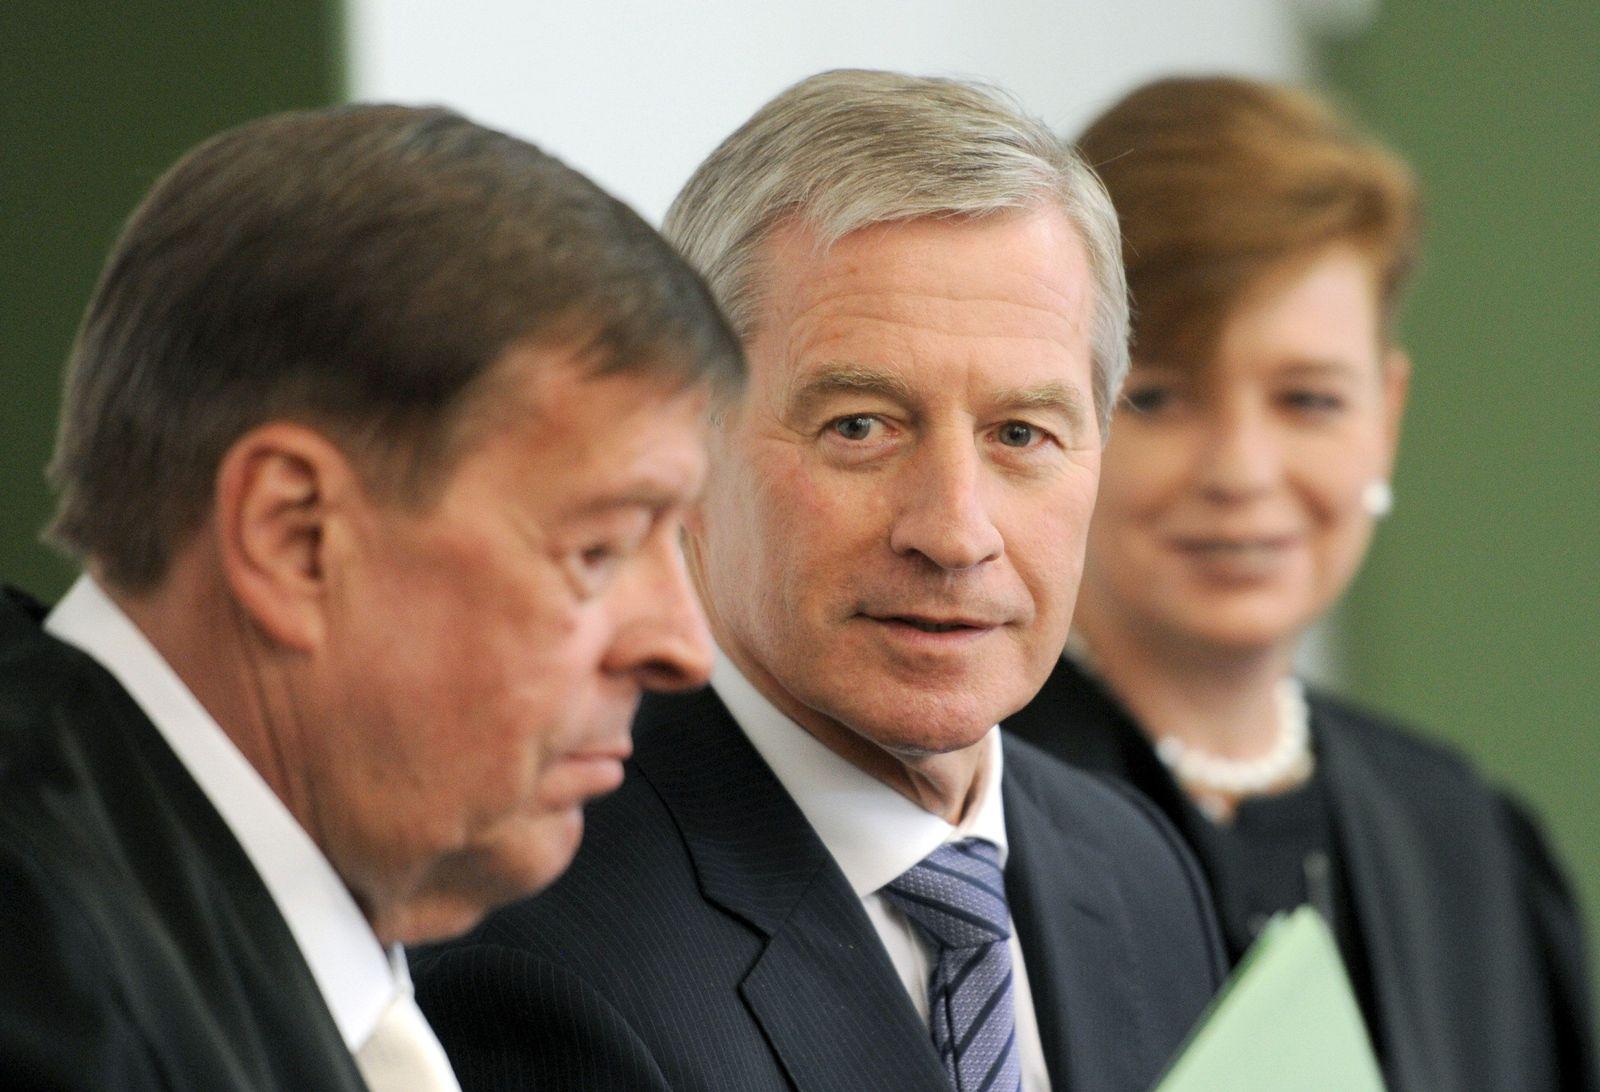 Strafprozess gegen Top-Manager der Deutschen Bank Fitschen